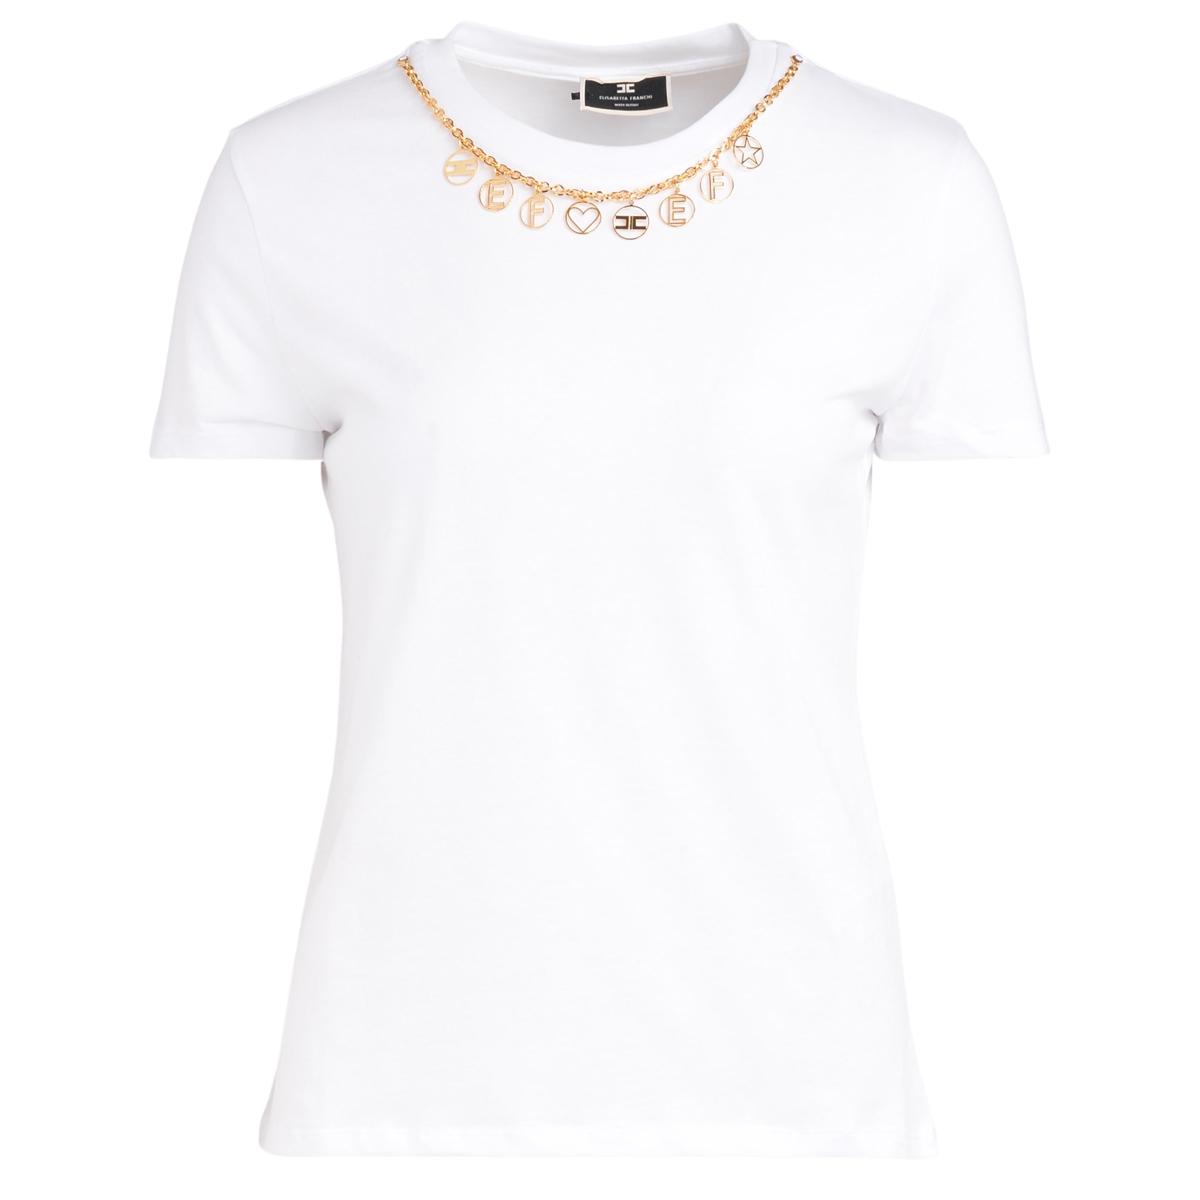 T-shirt bianca con collana removibile - ELISABETTA FRANCHI - Modalova